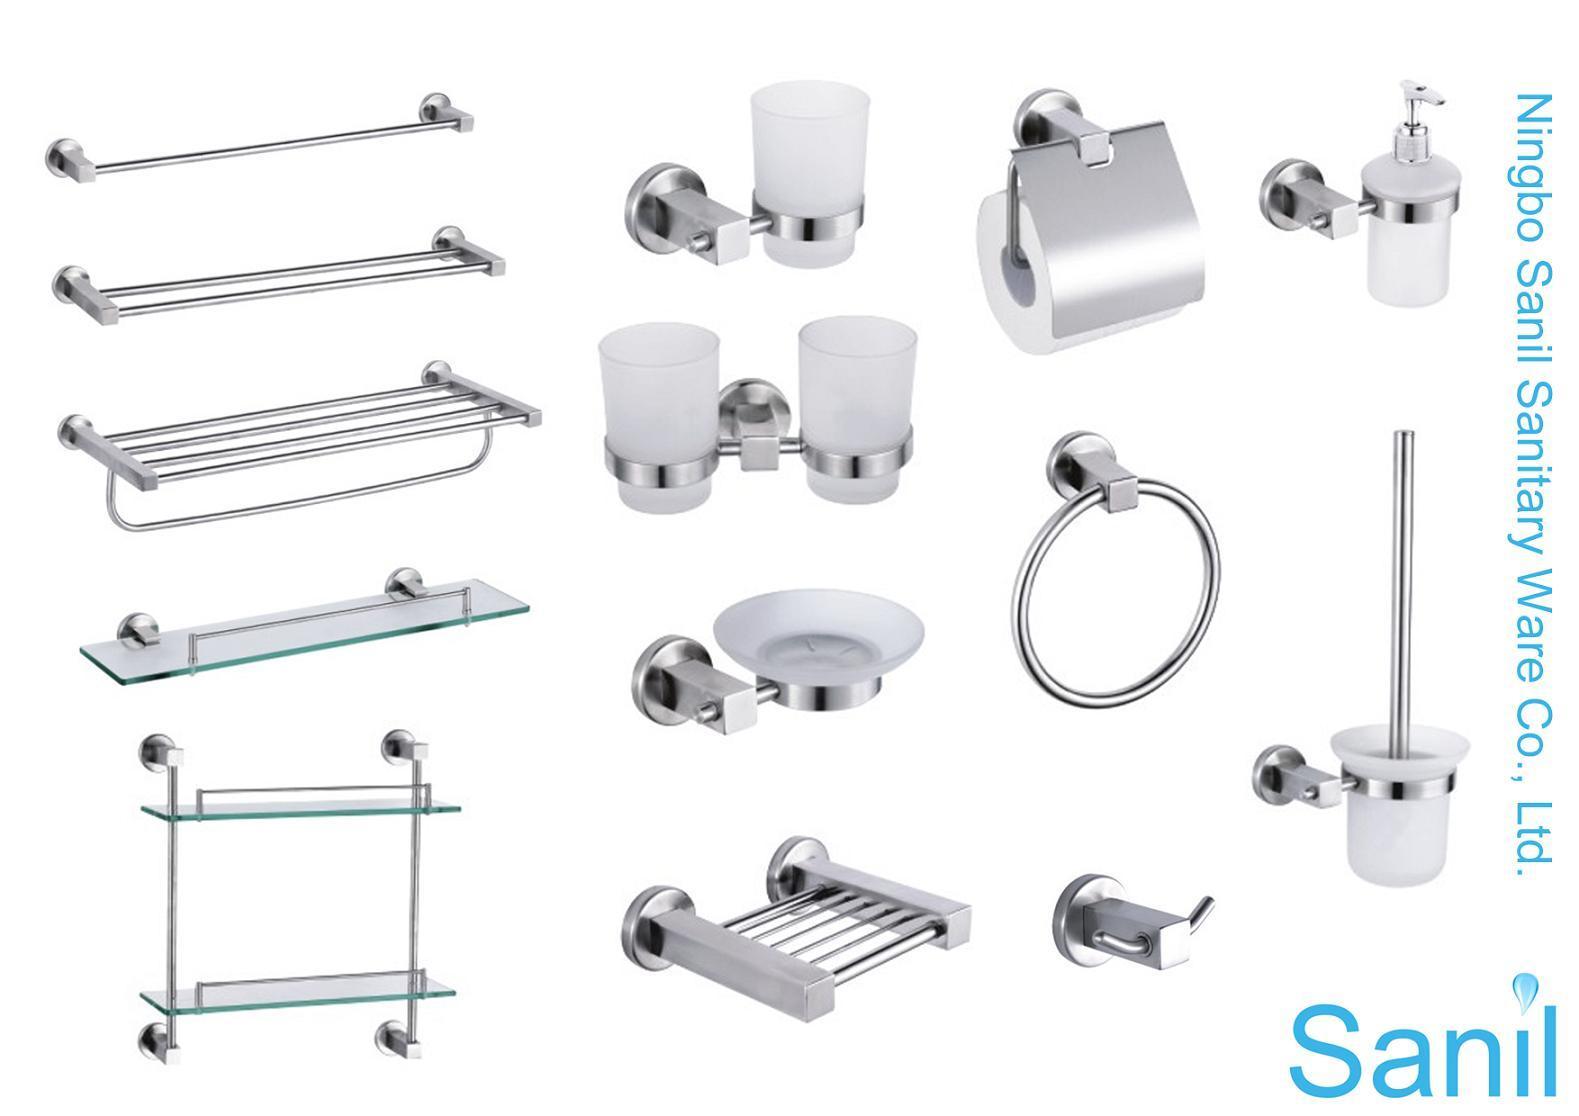 Acessórios do banheiro do aço inoxidável –Acessórios do banheiro  #1585B6 1579x1116 Acessorios Banheiro China